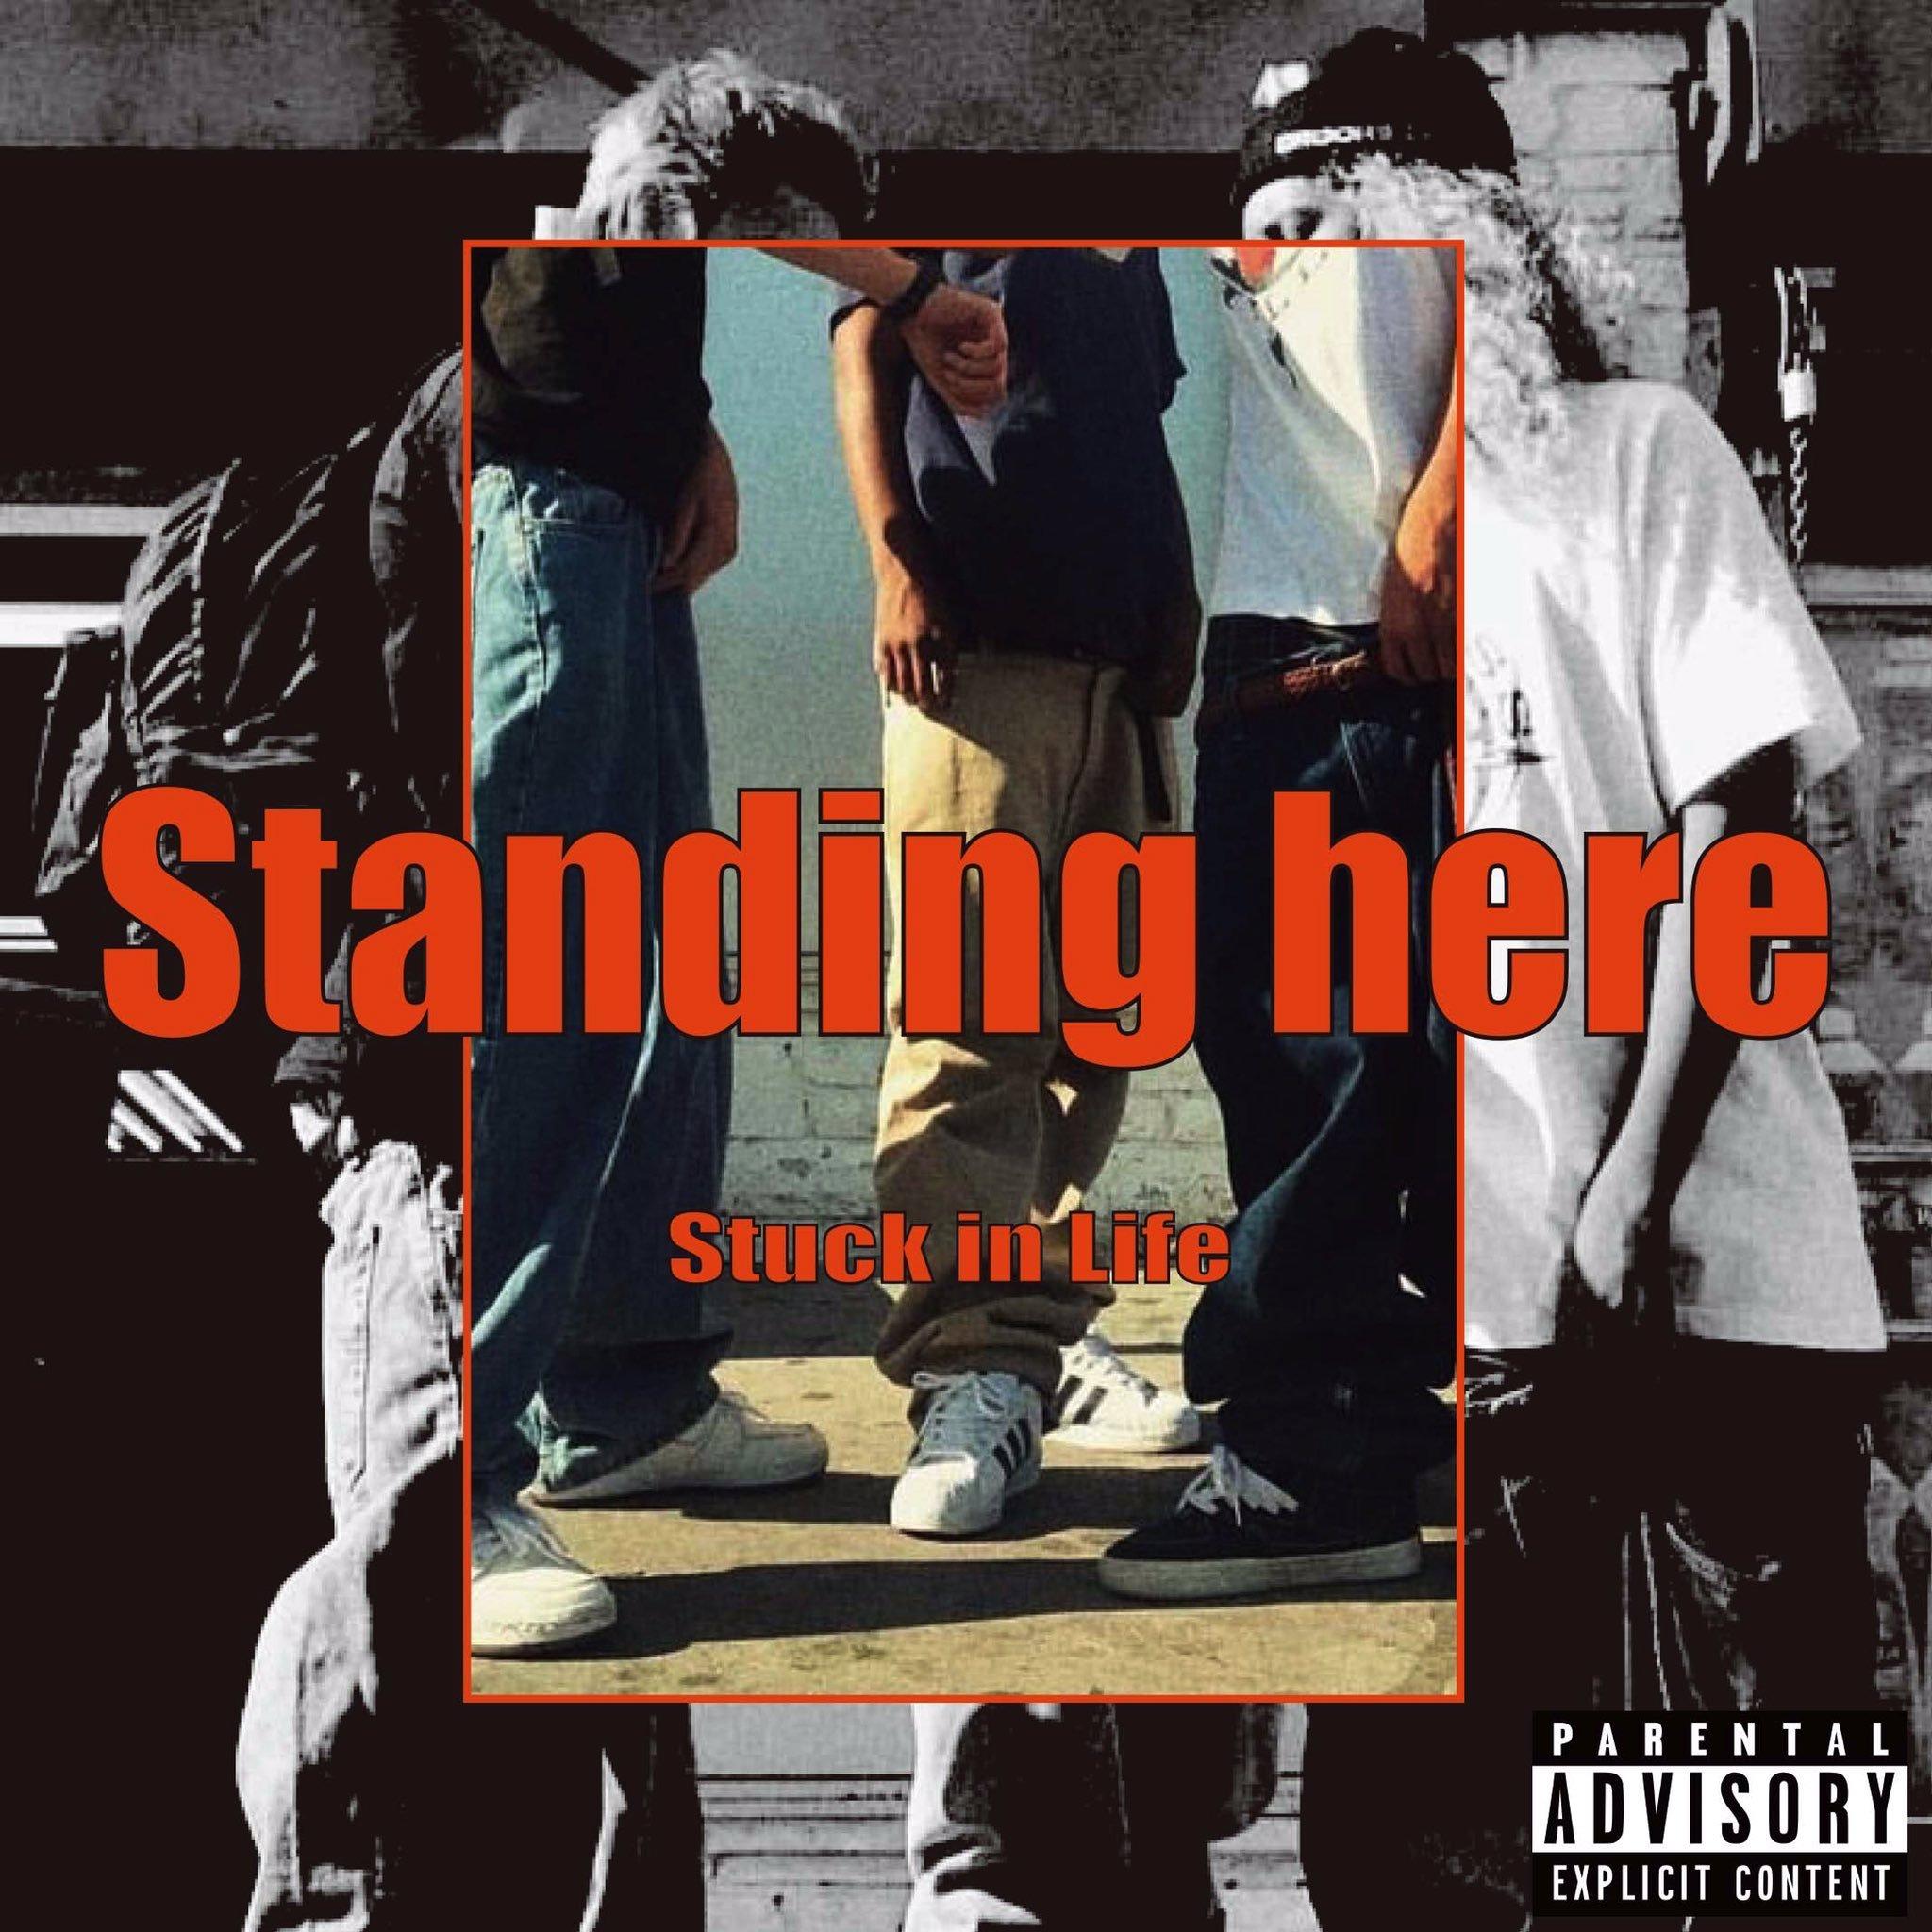 Standing here